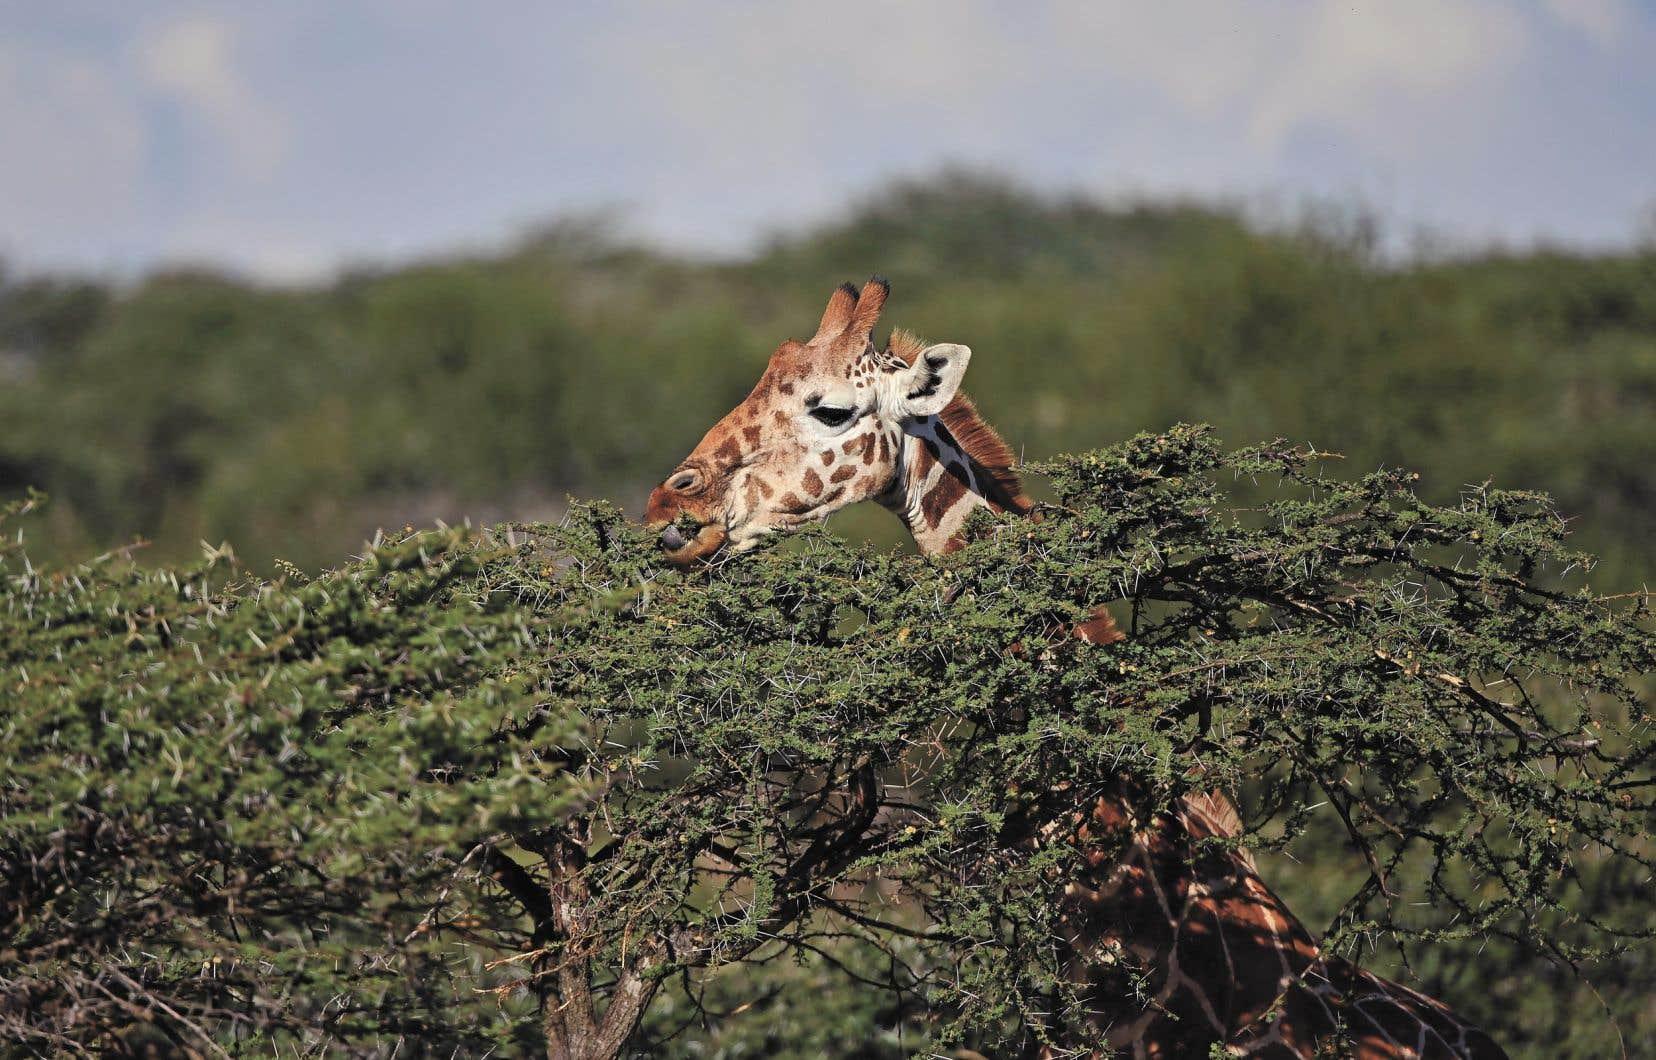 La girafe réticulée, une sous-espèce vivant dans la région de Laikipia, au Kenya, se fait de plus en plus rare.